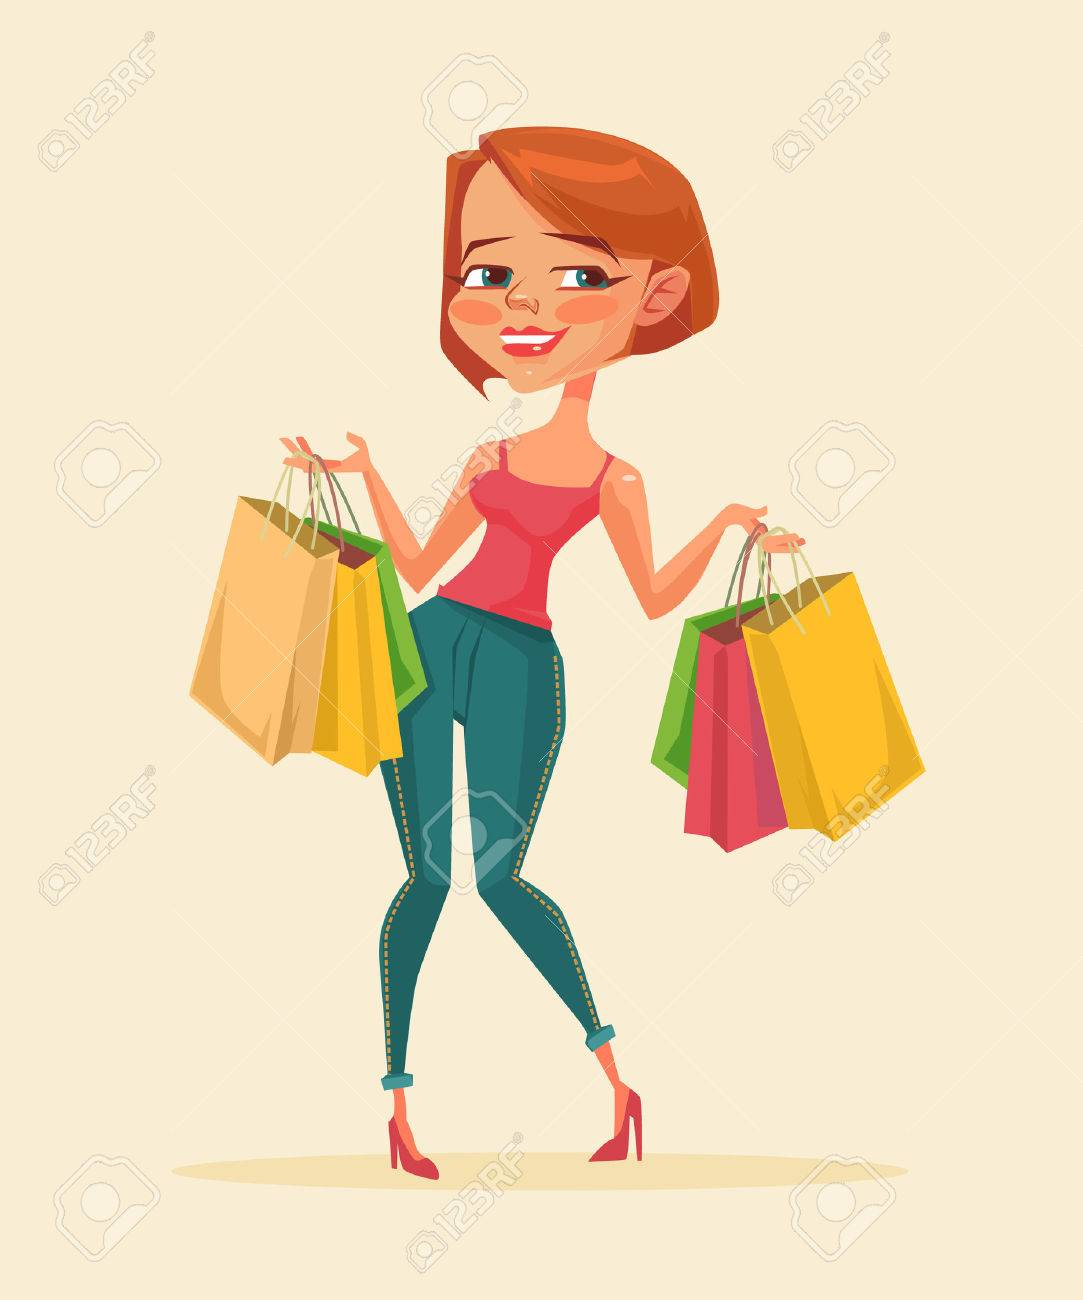 Silueta DE Mujer Con Bolsas DE Compras En LA Mano Vector